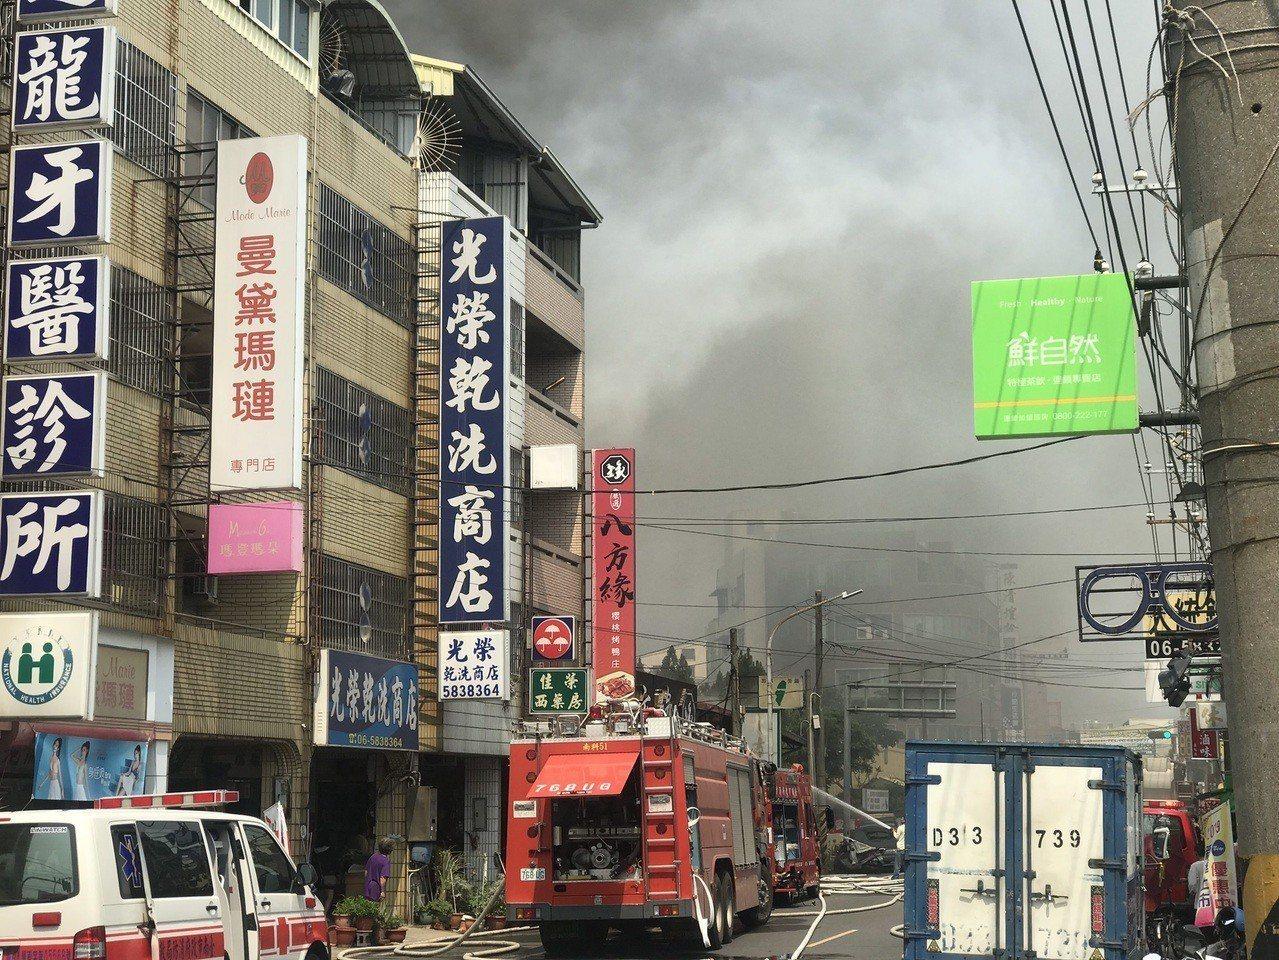 台南烤鴨店起火竄濃煙民眾圍觀,員警管制出入。圖/員警提供